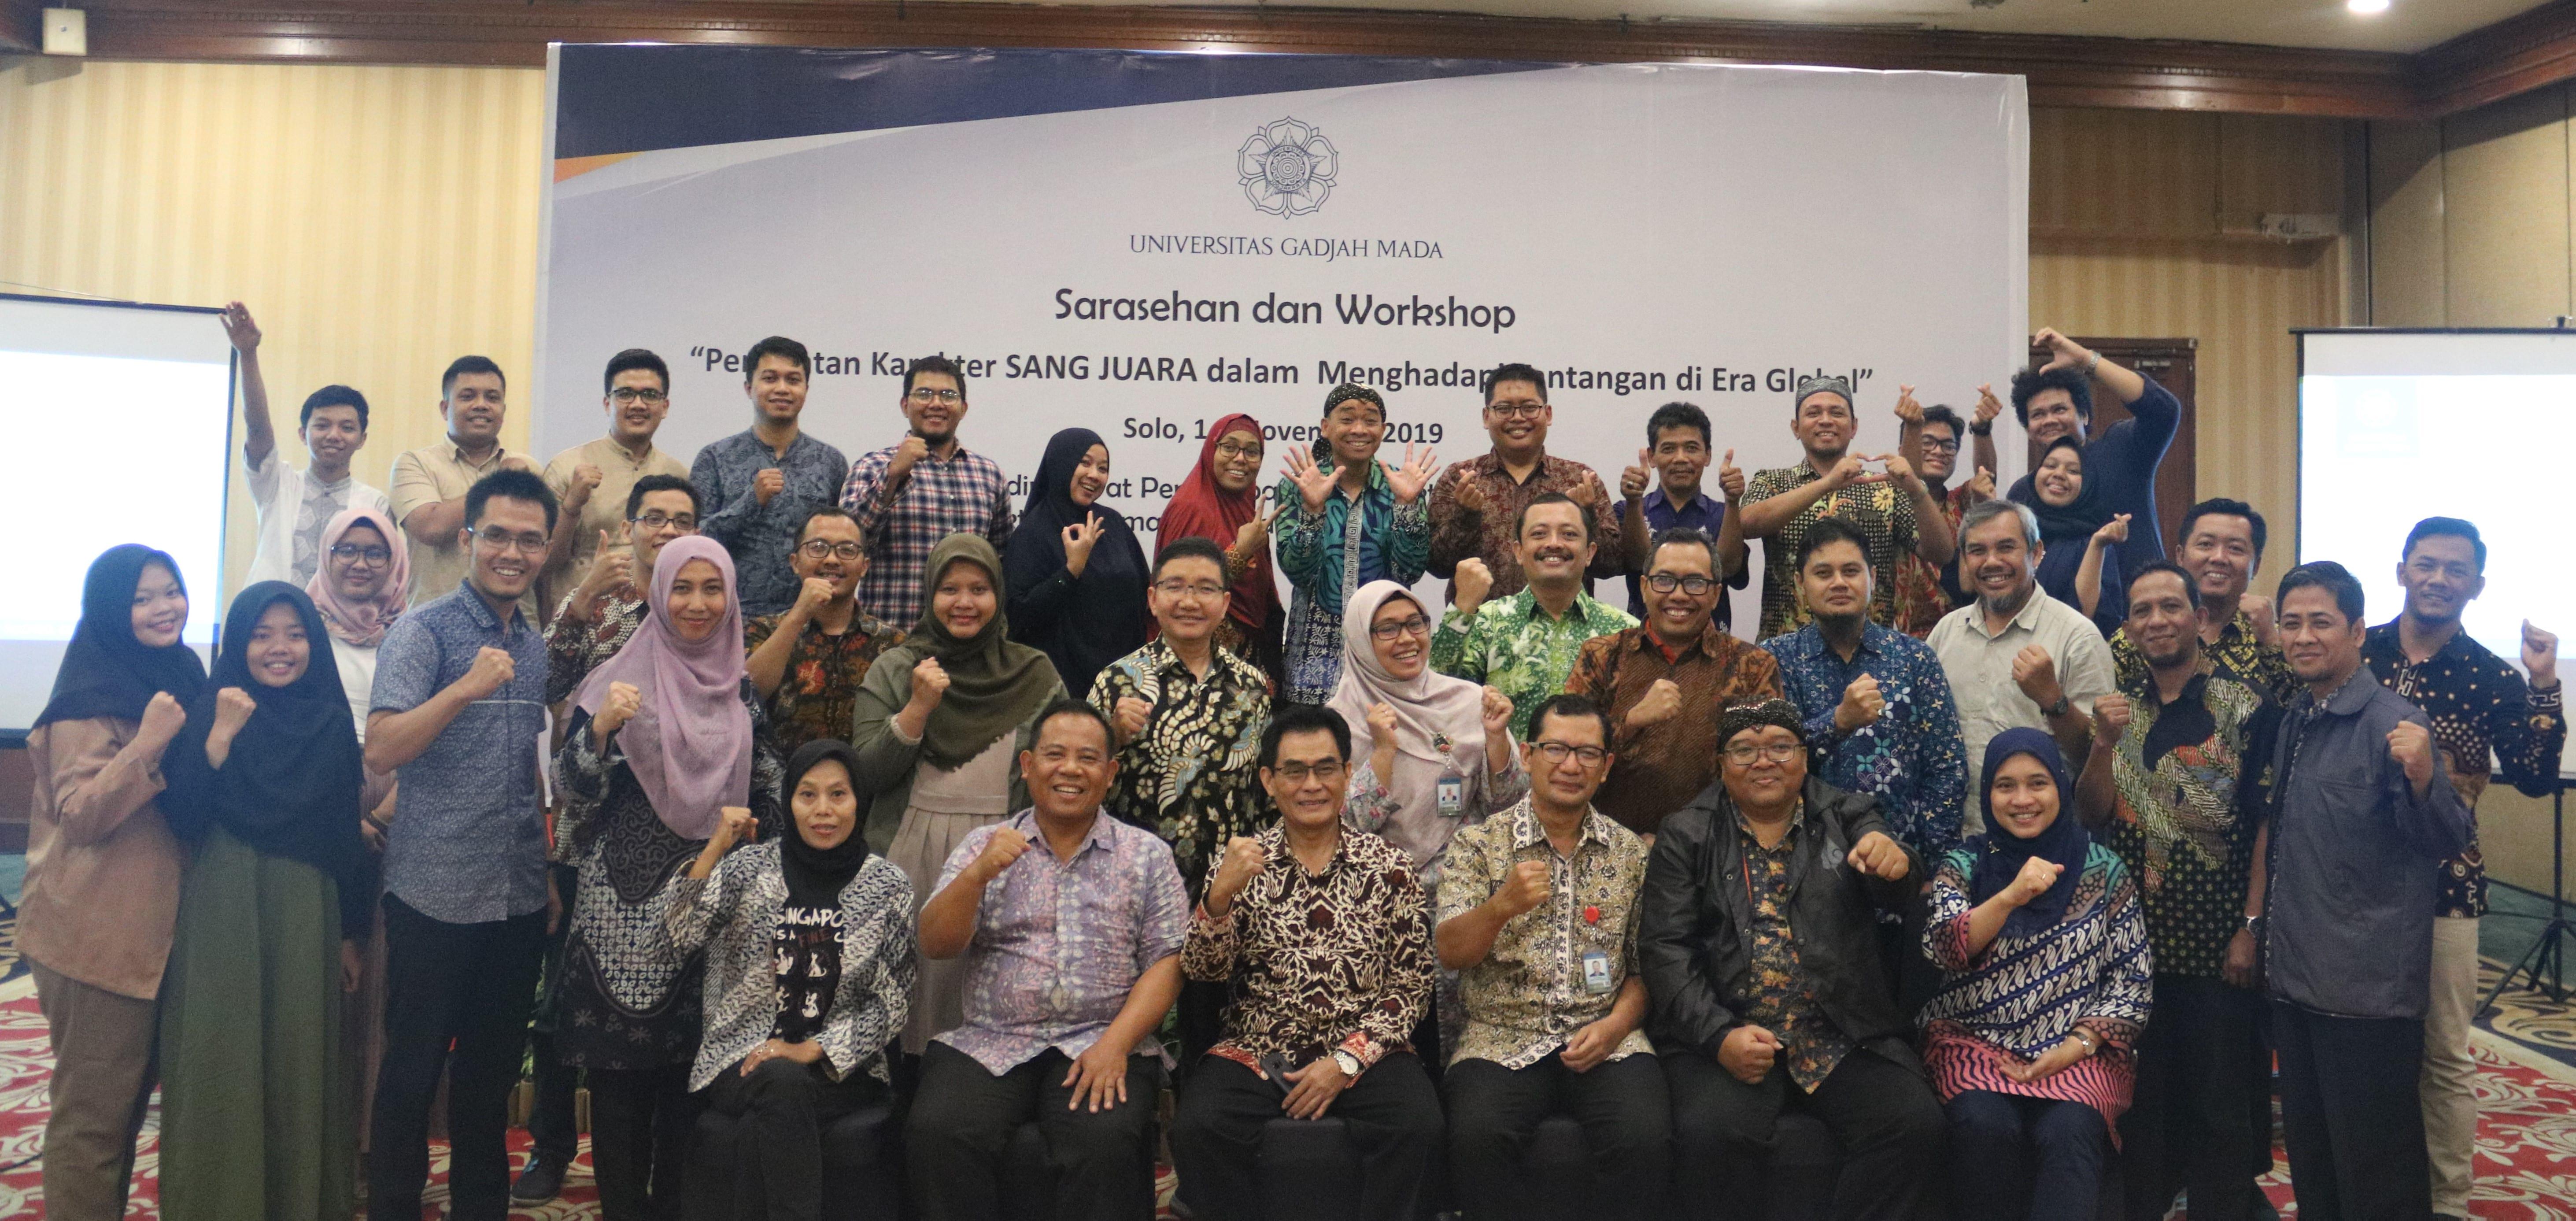 """Sarasehan dan Workshop """"Penguatan Karakter SANG JUARA dalam Menghadapi Tantangan di Era Global"""""""